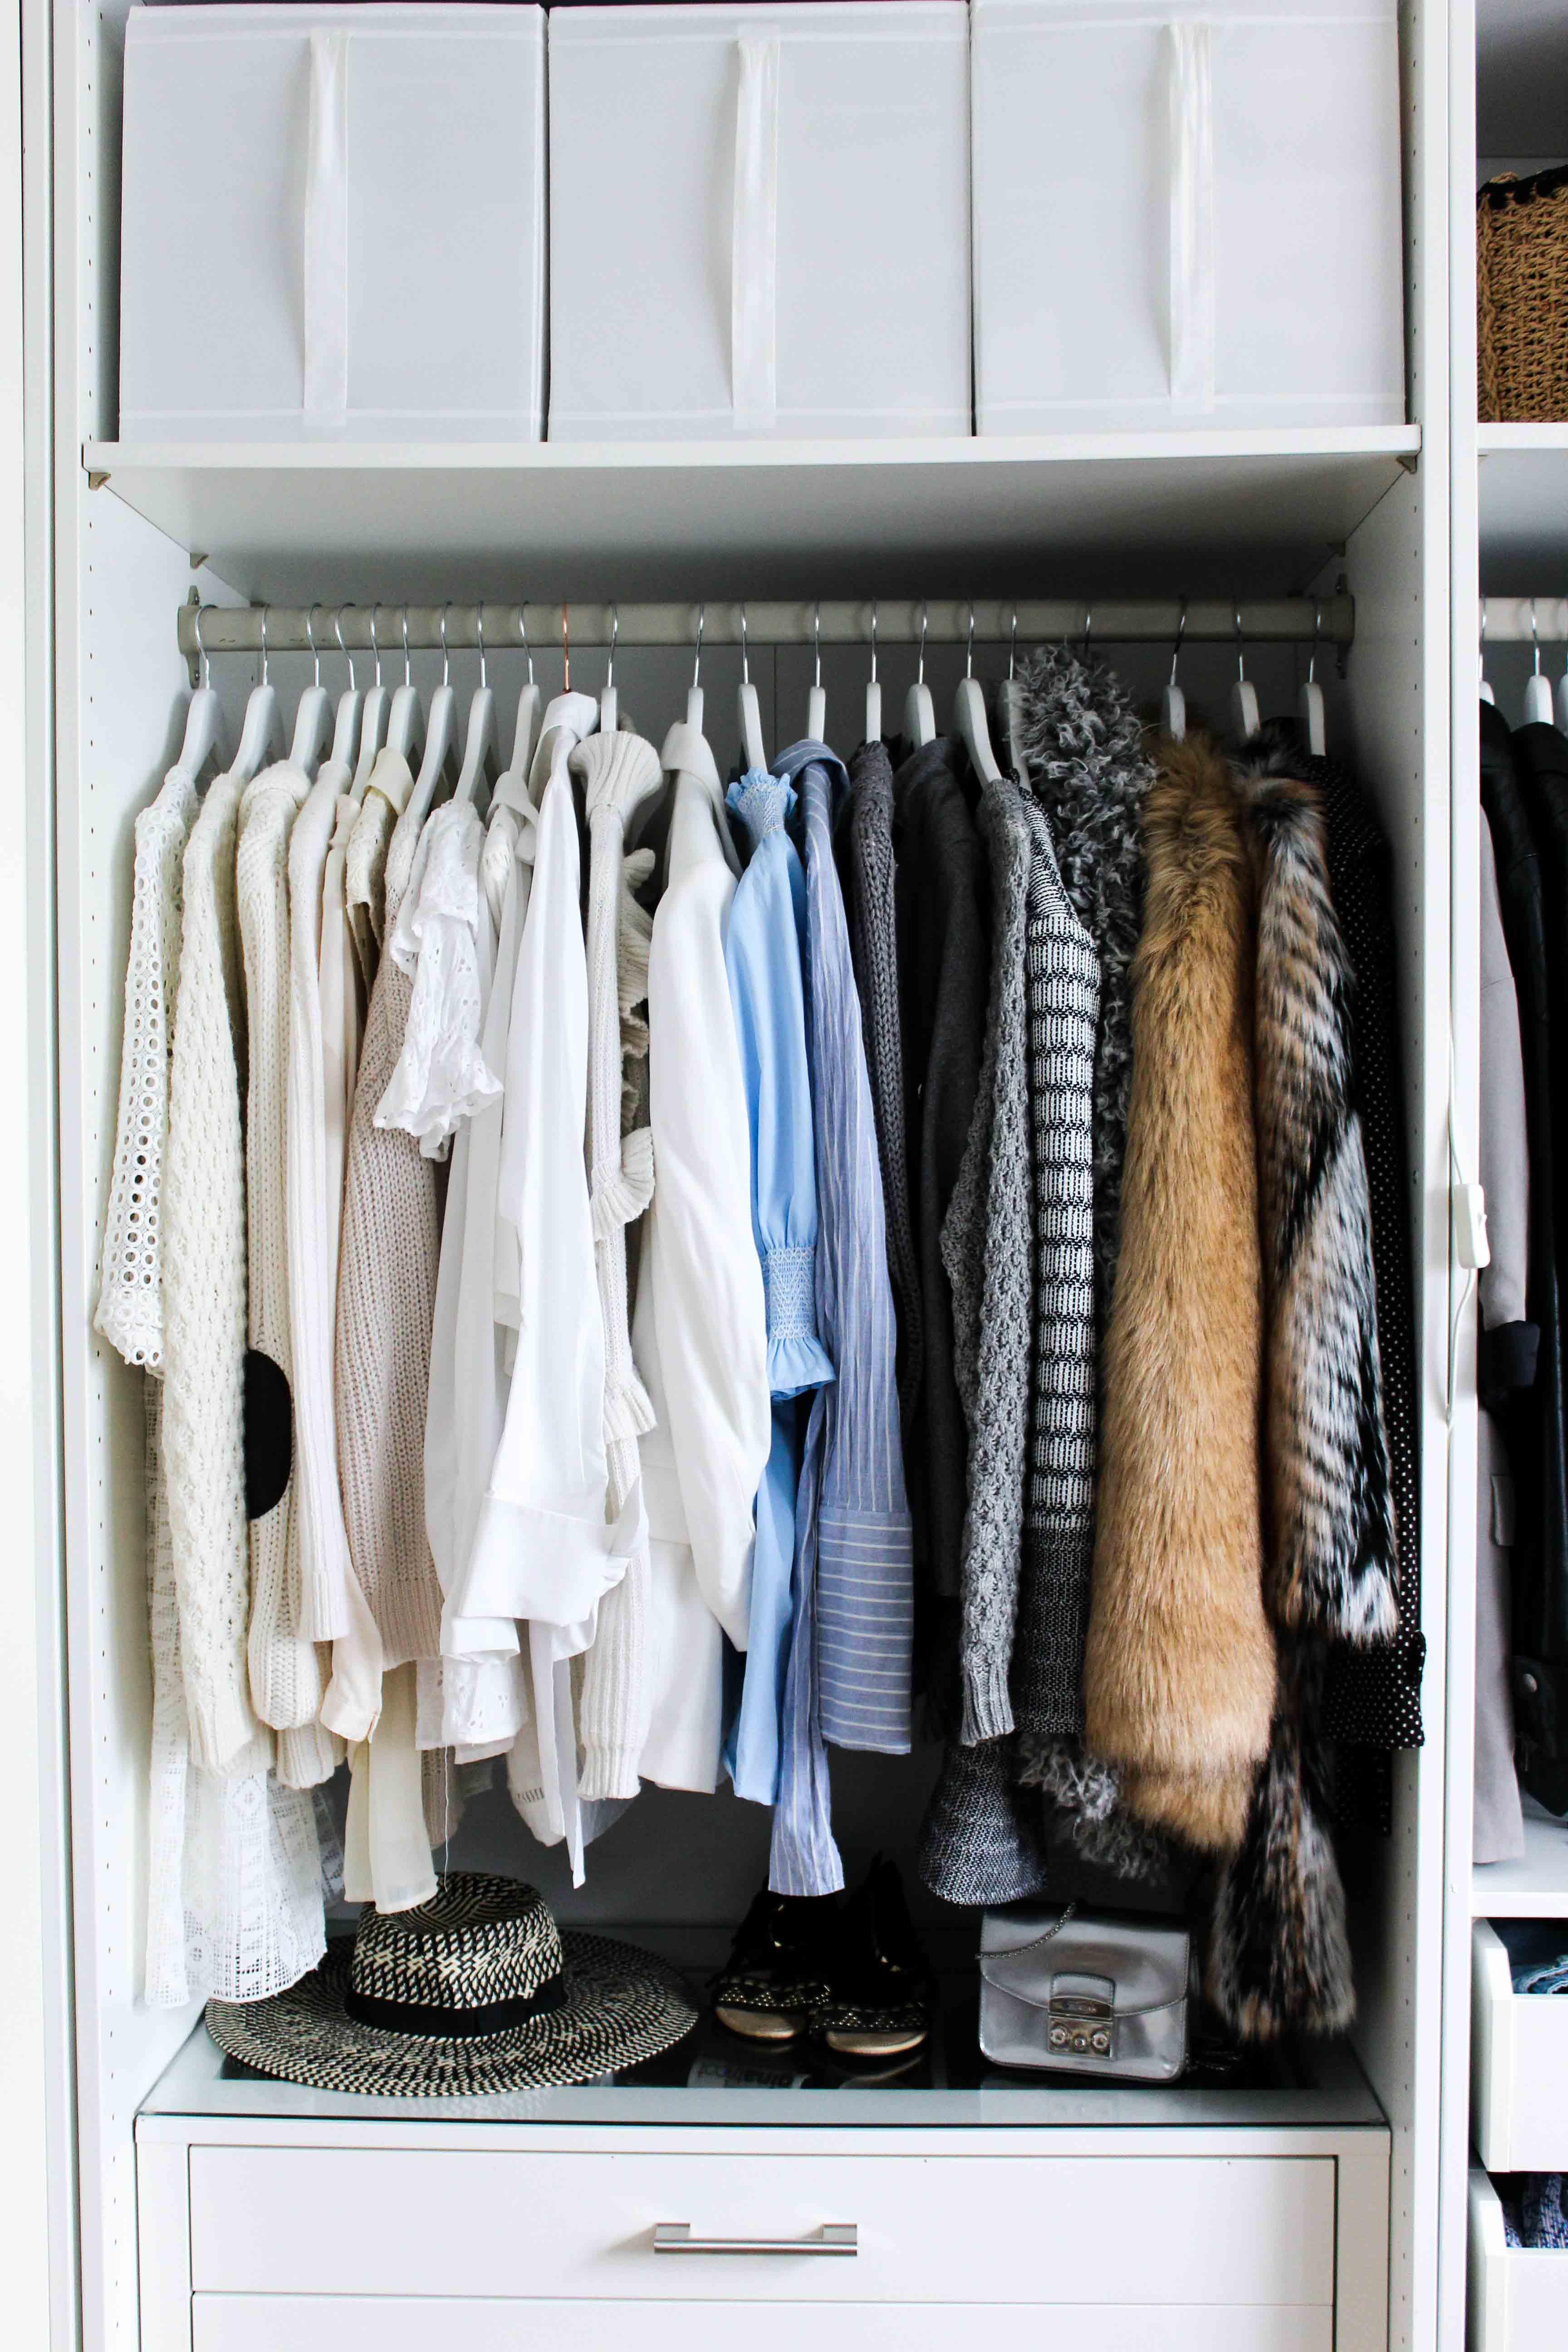 Mein Ankleidezimmer PAX Schrank Ikea #zeigdeinenPAX Ankleideschrank Blogger Kleiderschrank offen 8